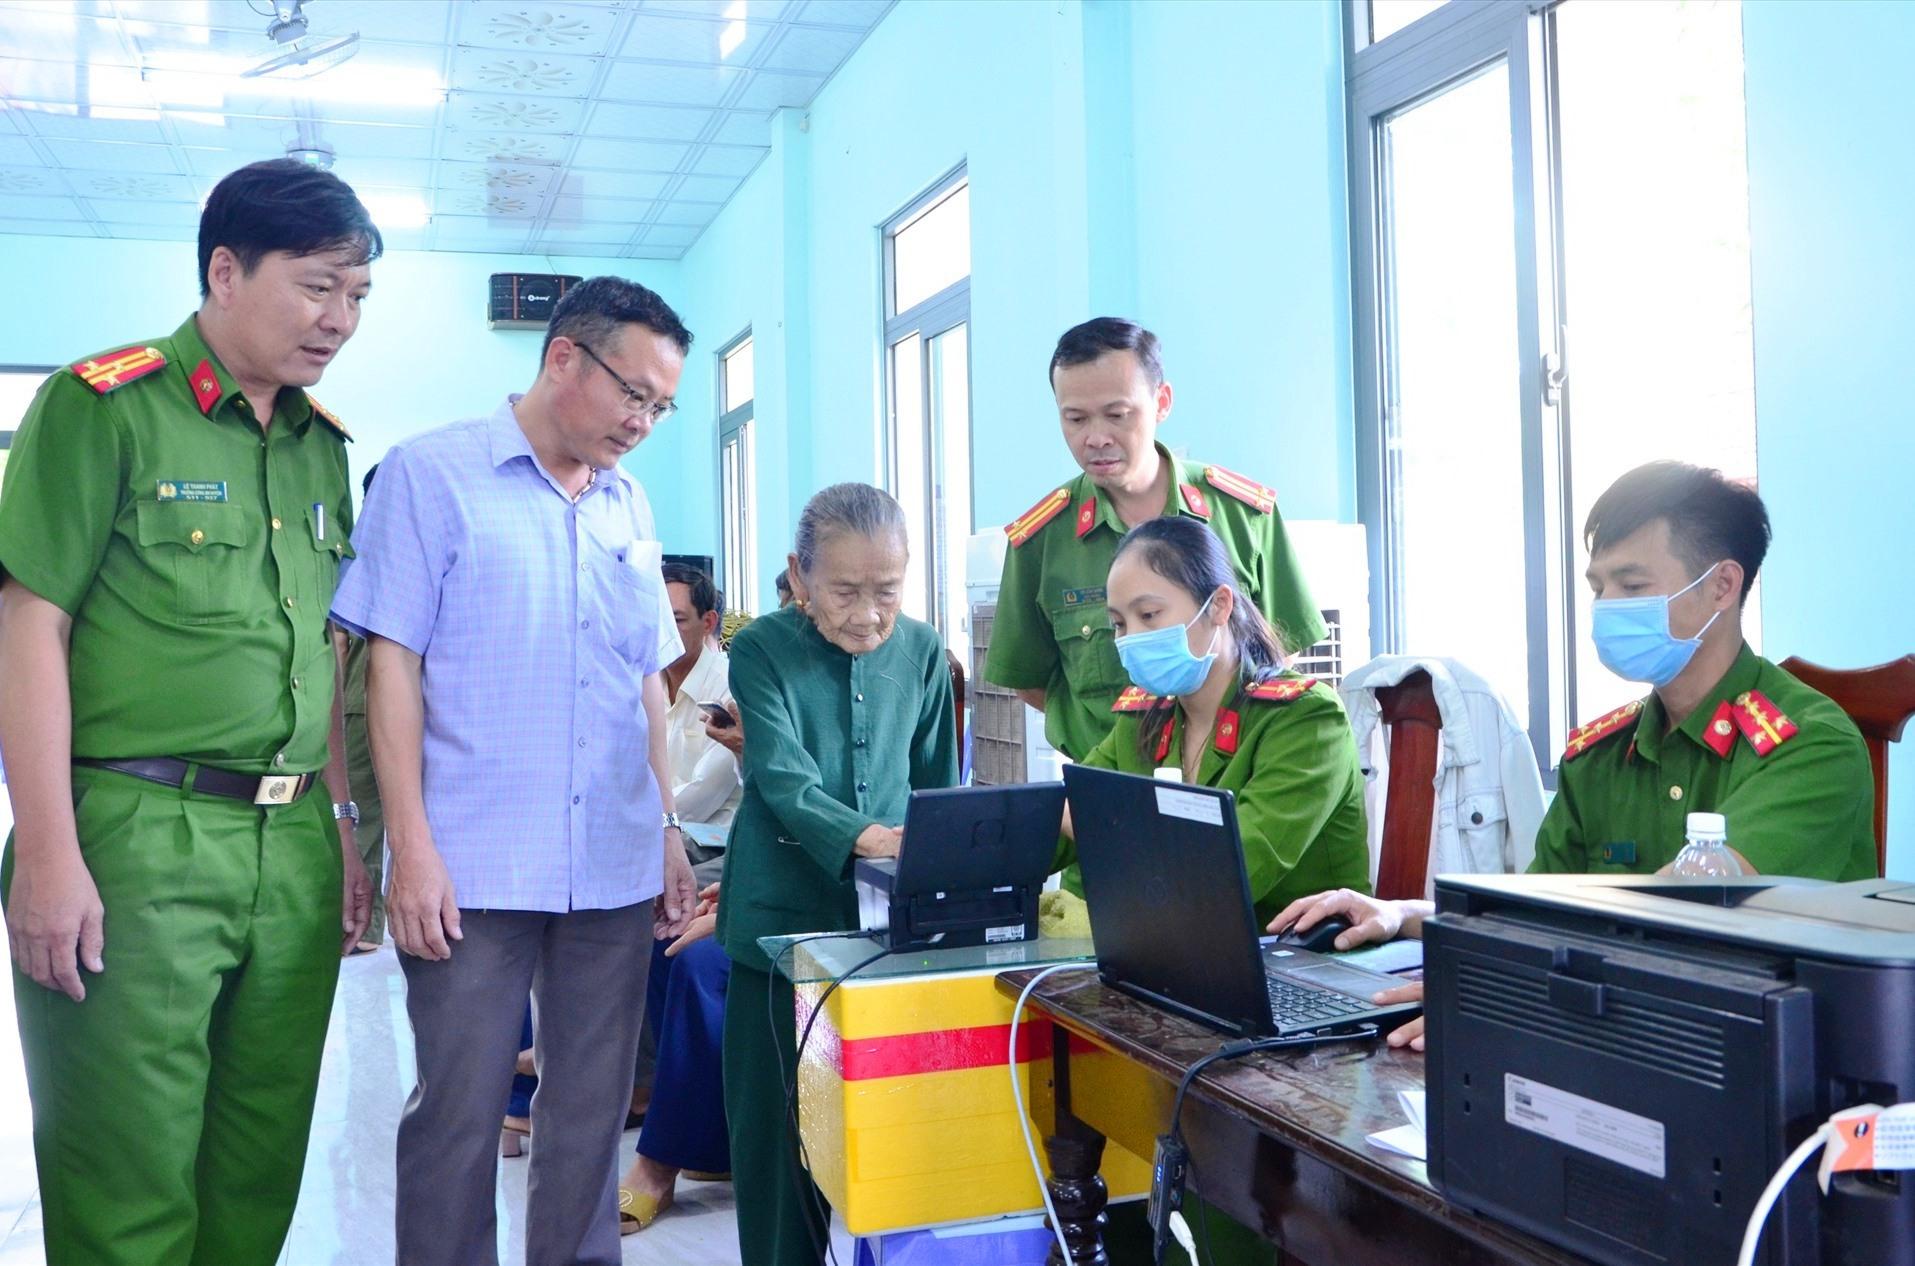 Lãnh đạo huyện Tiên Phước thăm hỏi, động viên cán bộ chiến sĩ làm công tác cấp CCCD tại xã Tiên Cảnh.